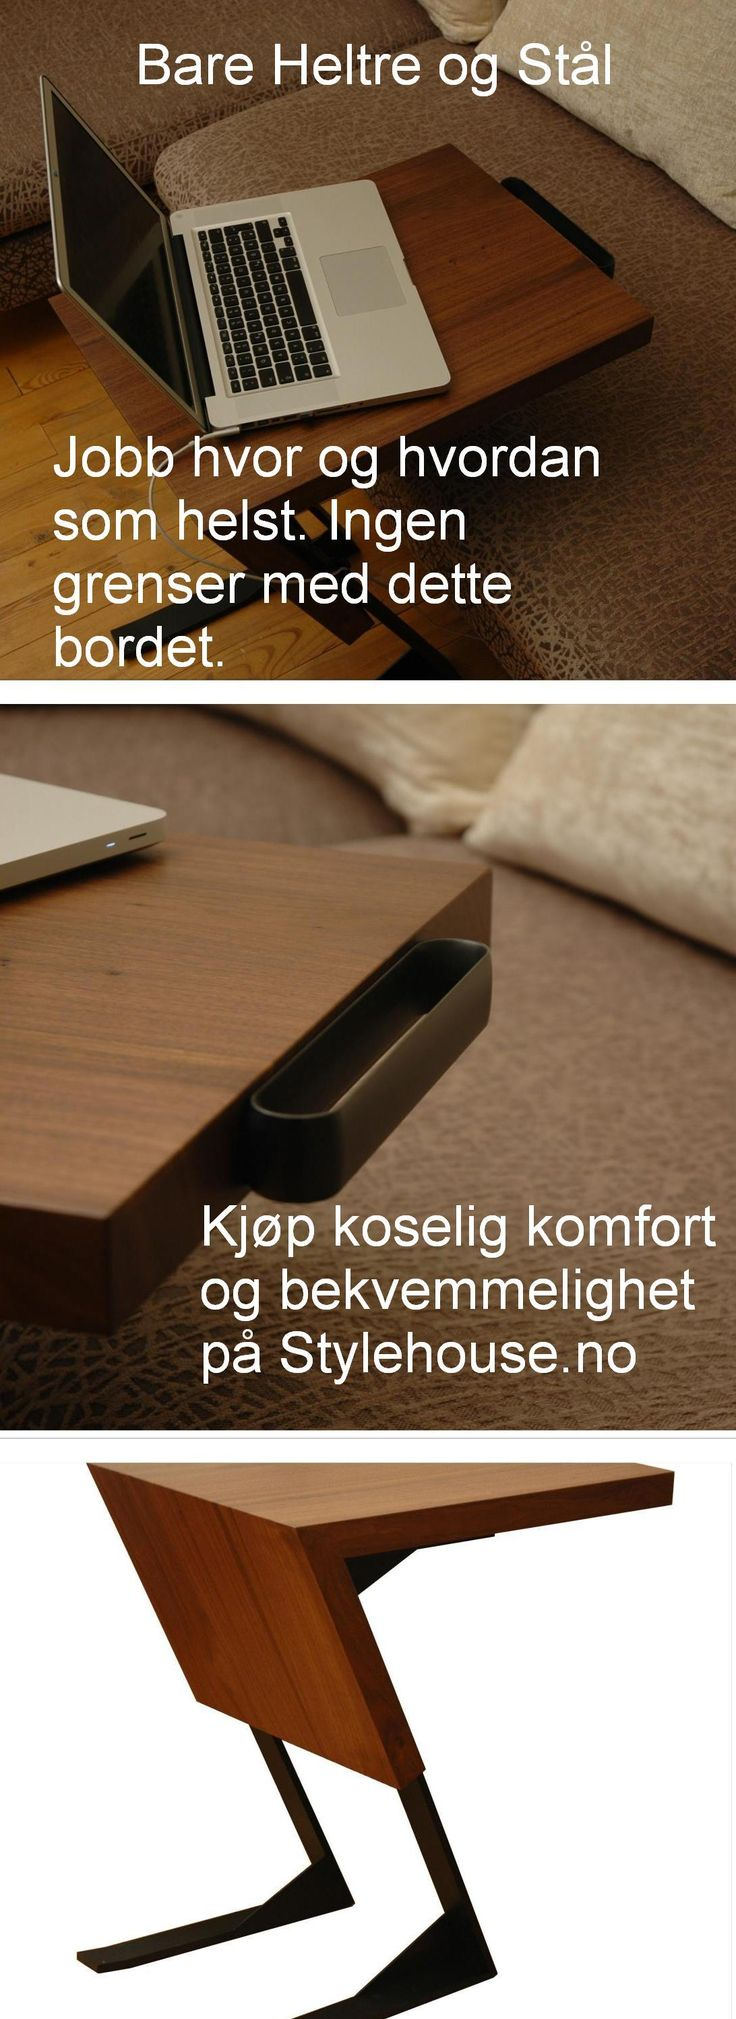 #trestålbord #pult #pulten #x-britt #x-brittbord #bord #bekvemmeligbord #minimalistisk